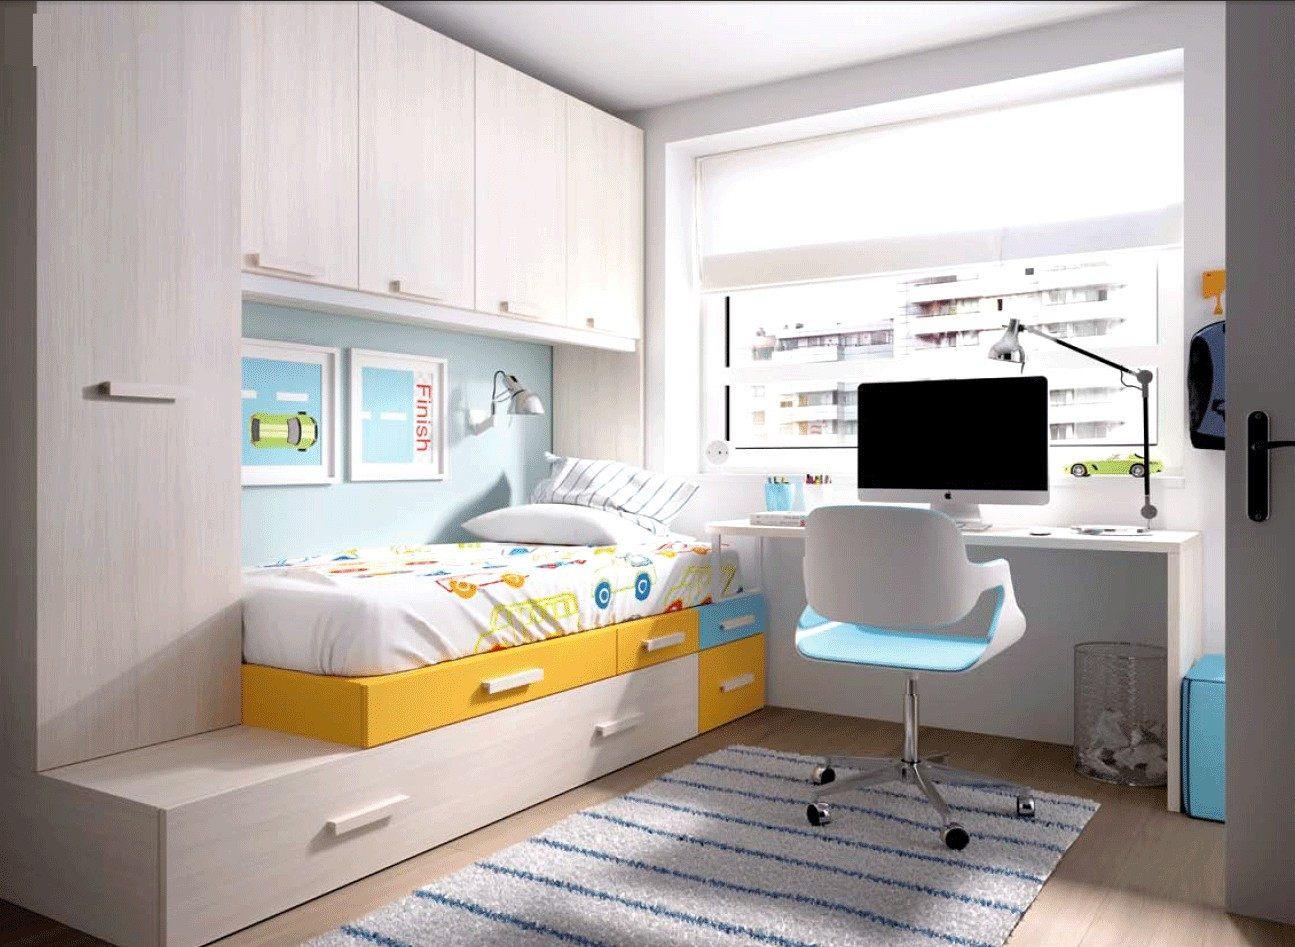 Lit Pont 160×200 Le Luxe Chambre Plete Fille Ikea Beautiful Lit Fantastique Lit Pont Lit